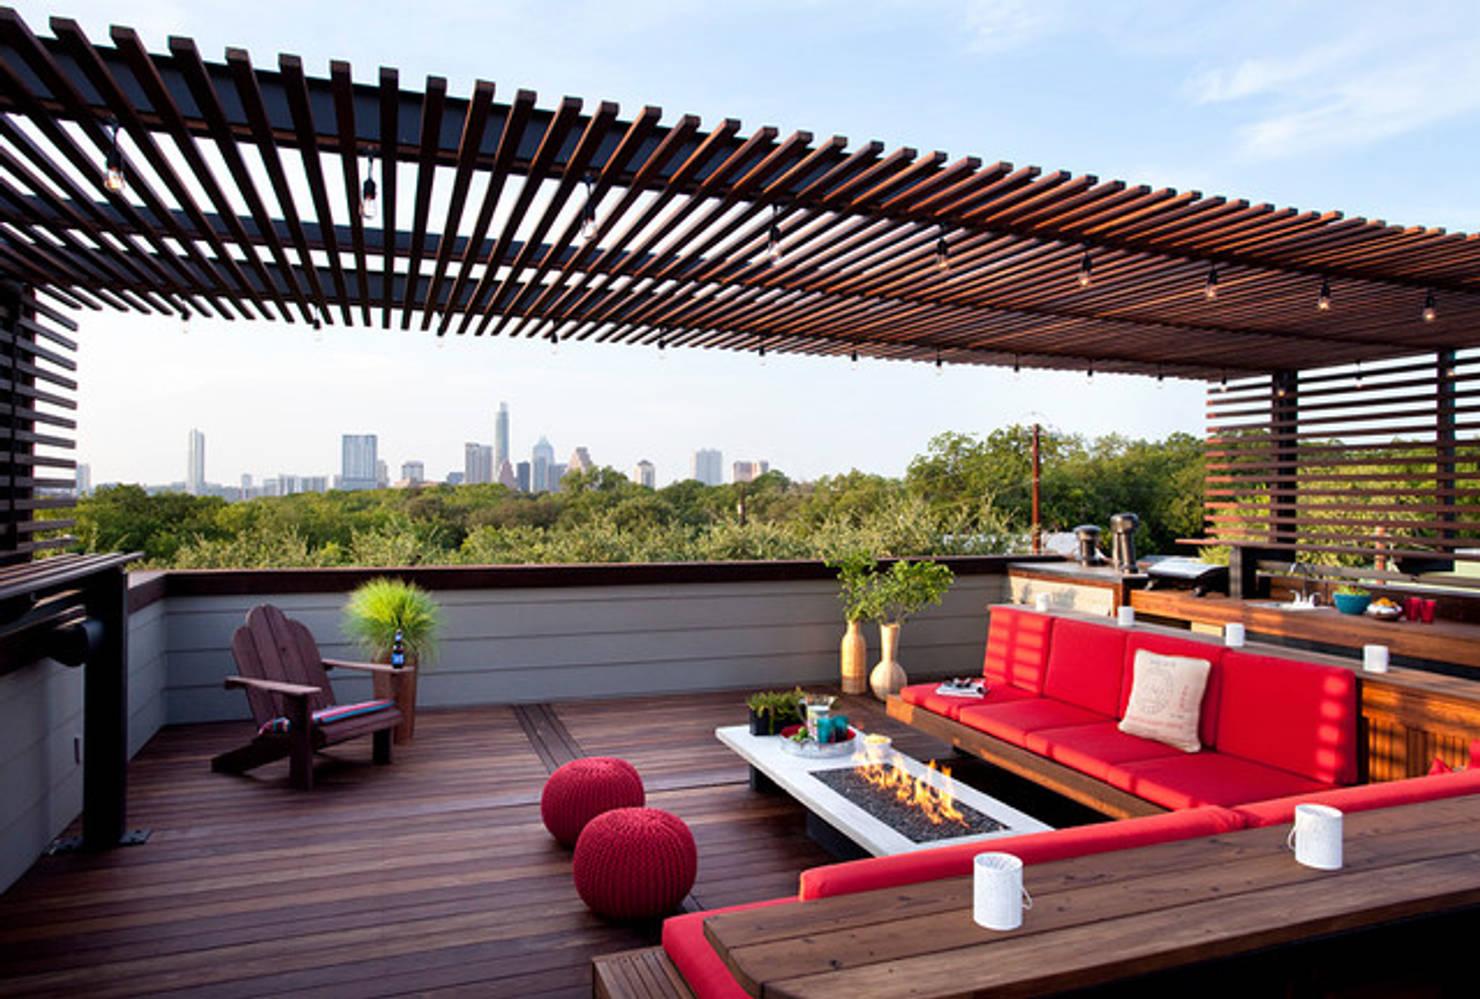 10 Idee Per Avere un Terrazzo Moderno e Accattivante